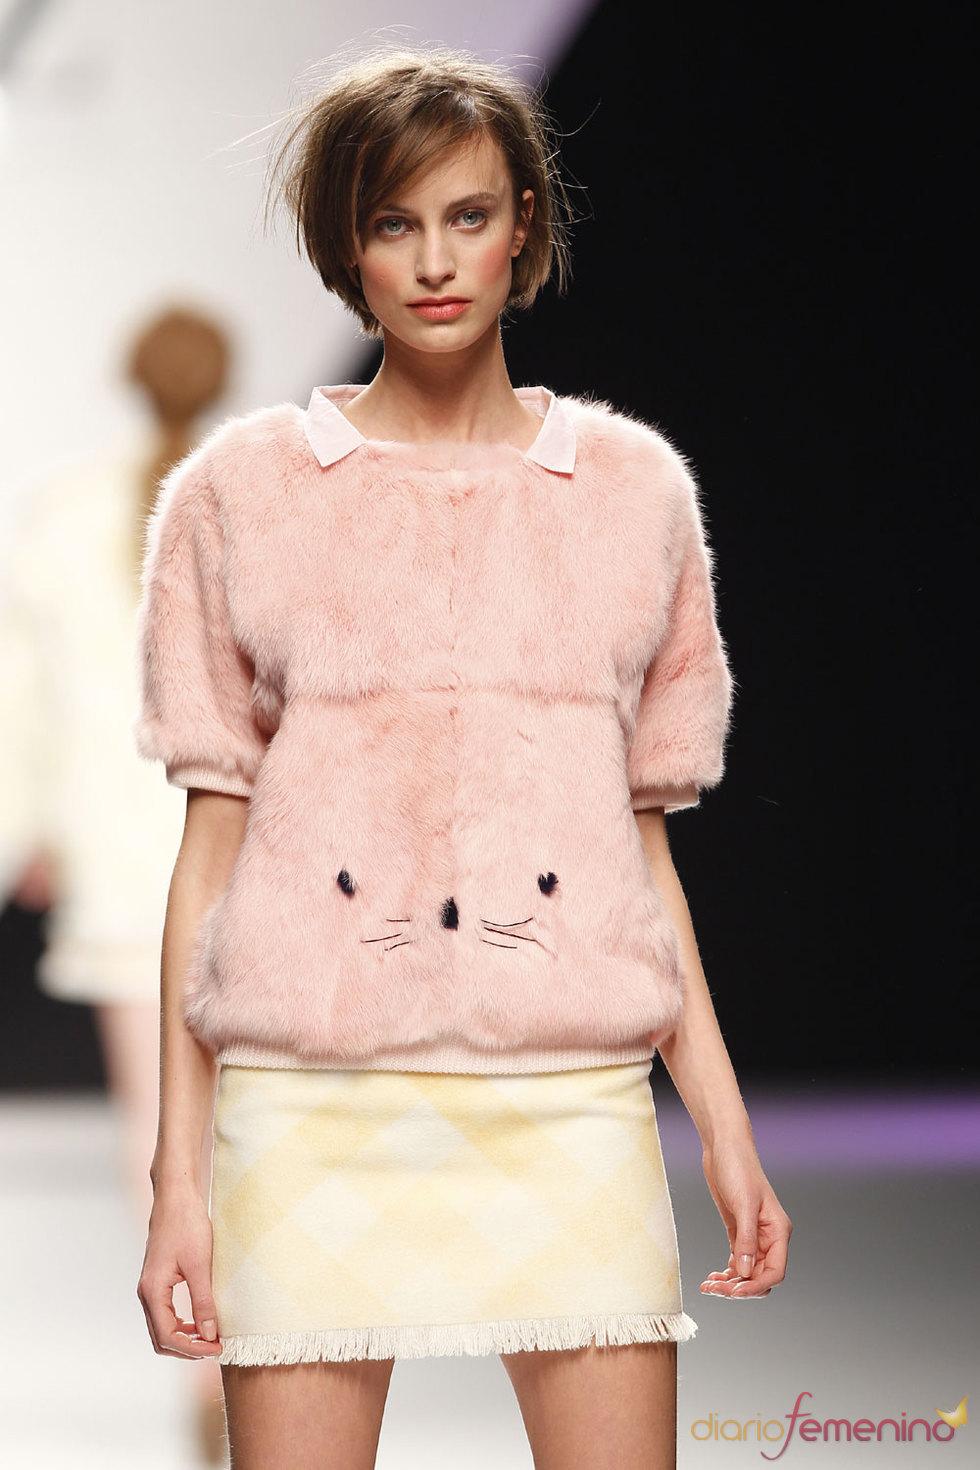 Pasarela Cibeles 2010 - Moda Joven - American Perez